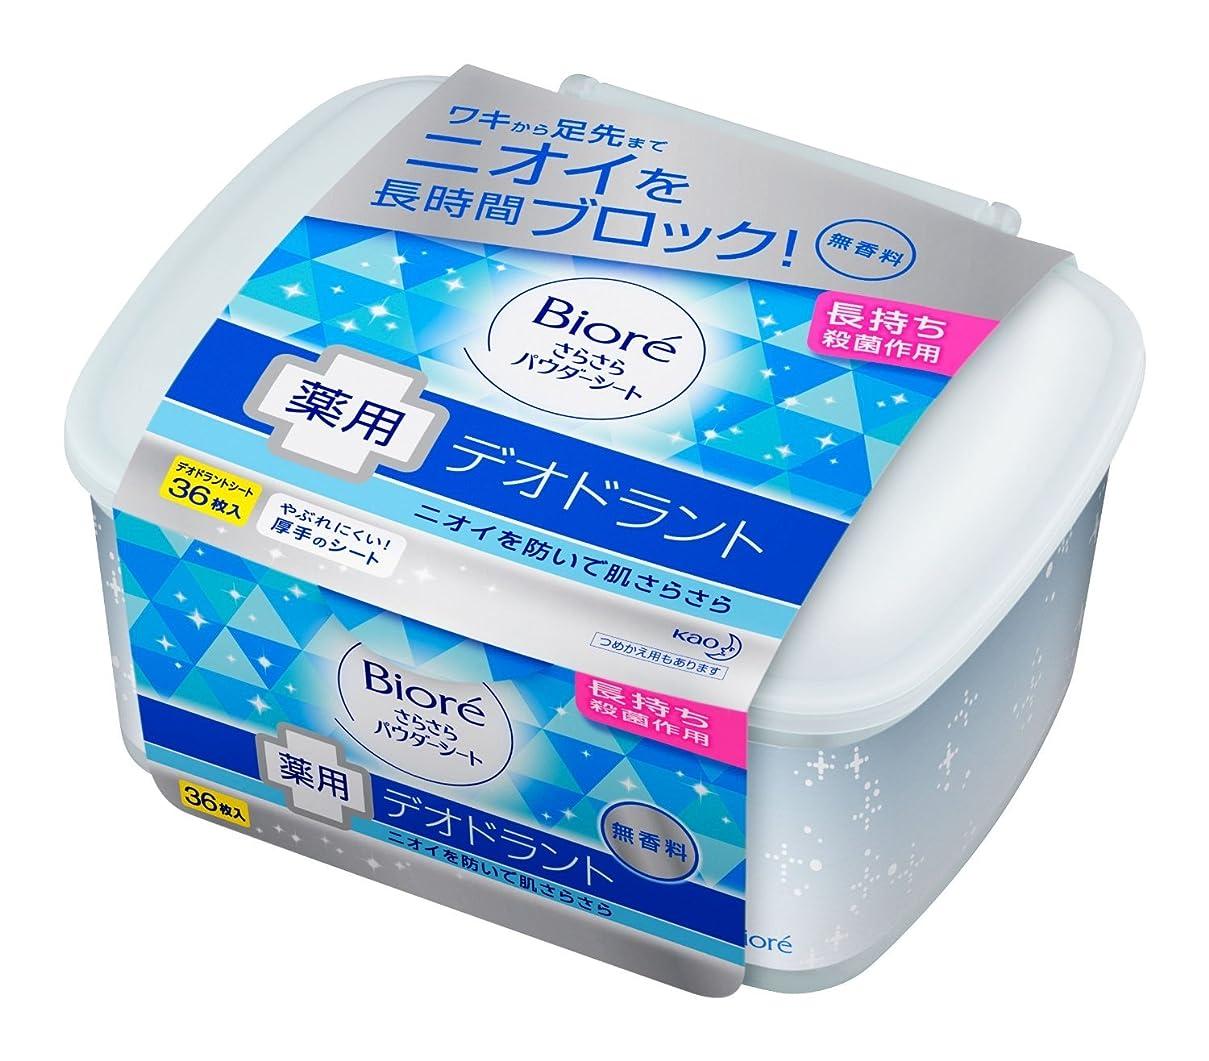 【花王】ビオレ さらさらパウダーシート 薬用デオドラント 無香料 本体 36枚 ×5個セット